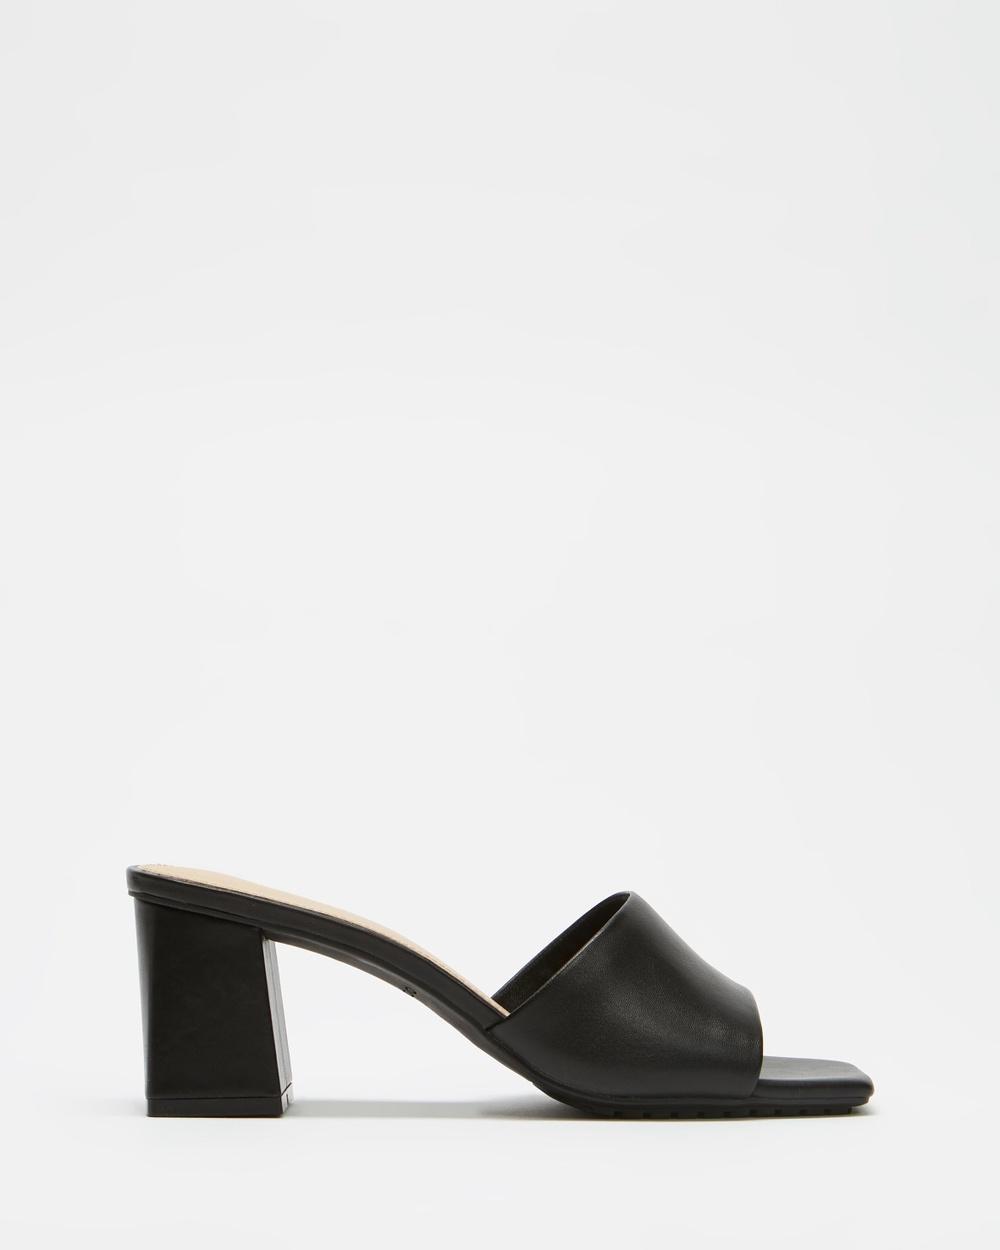 ALDO Velalith Mules Sandals Black